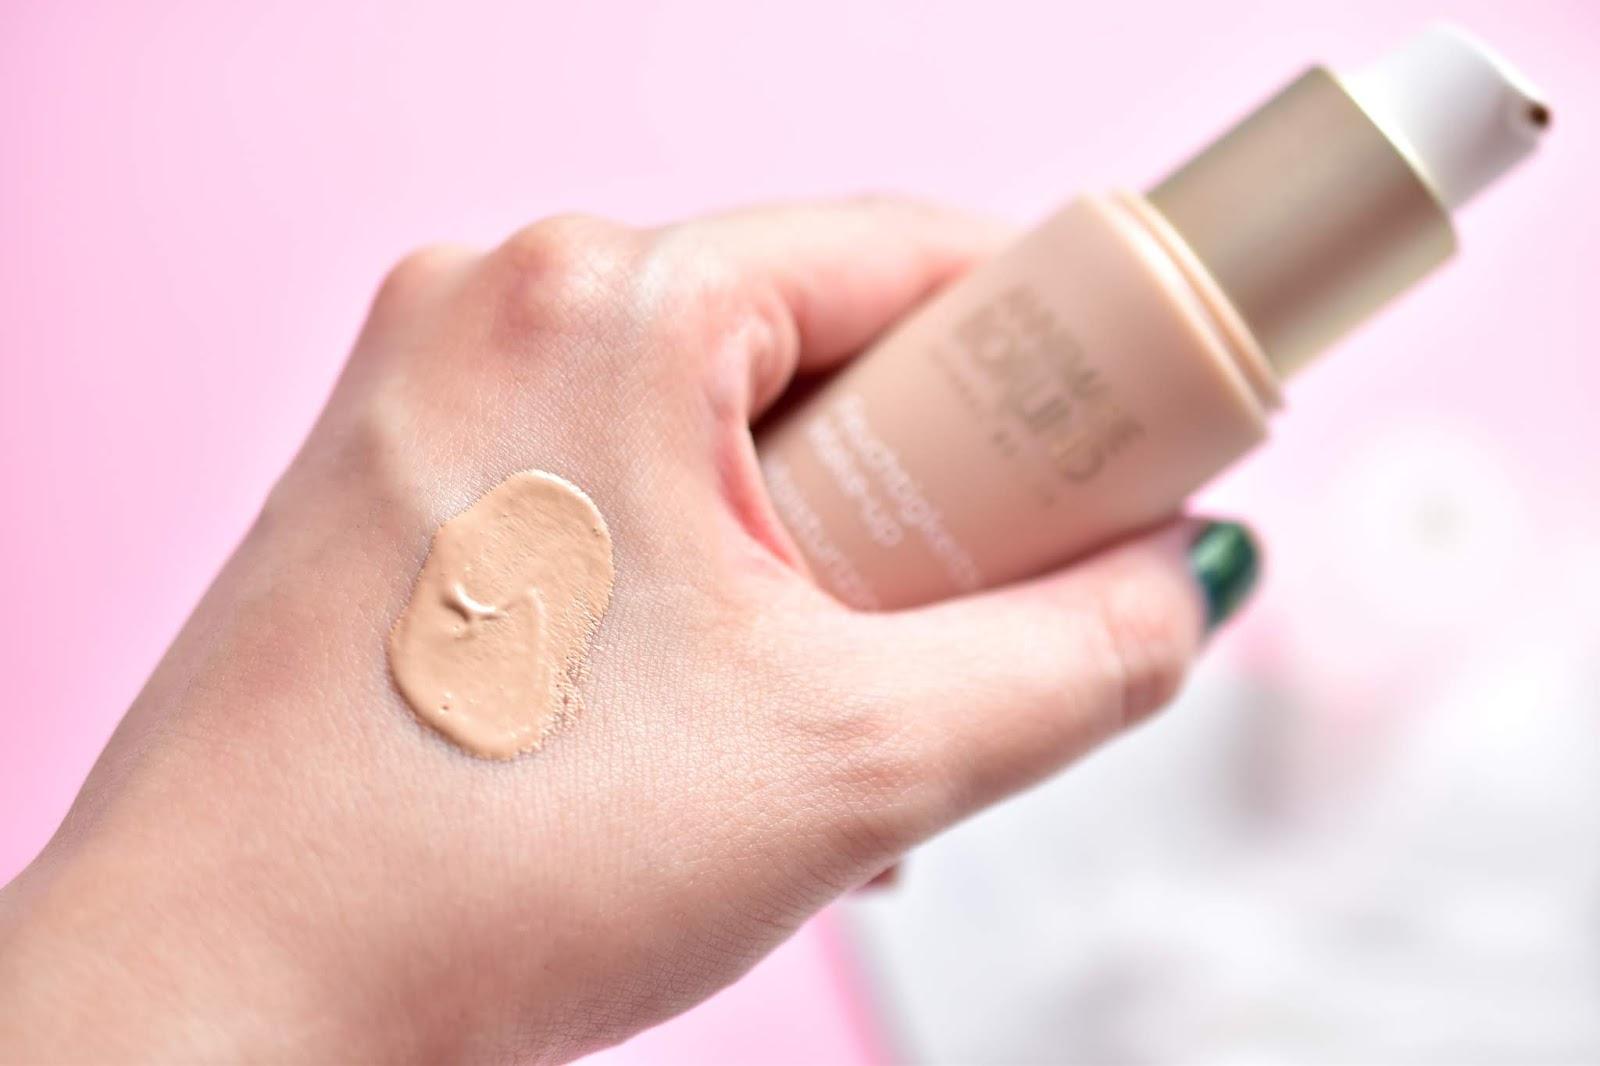 annemarie borlind moisturizing makeup